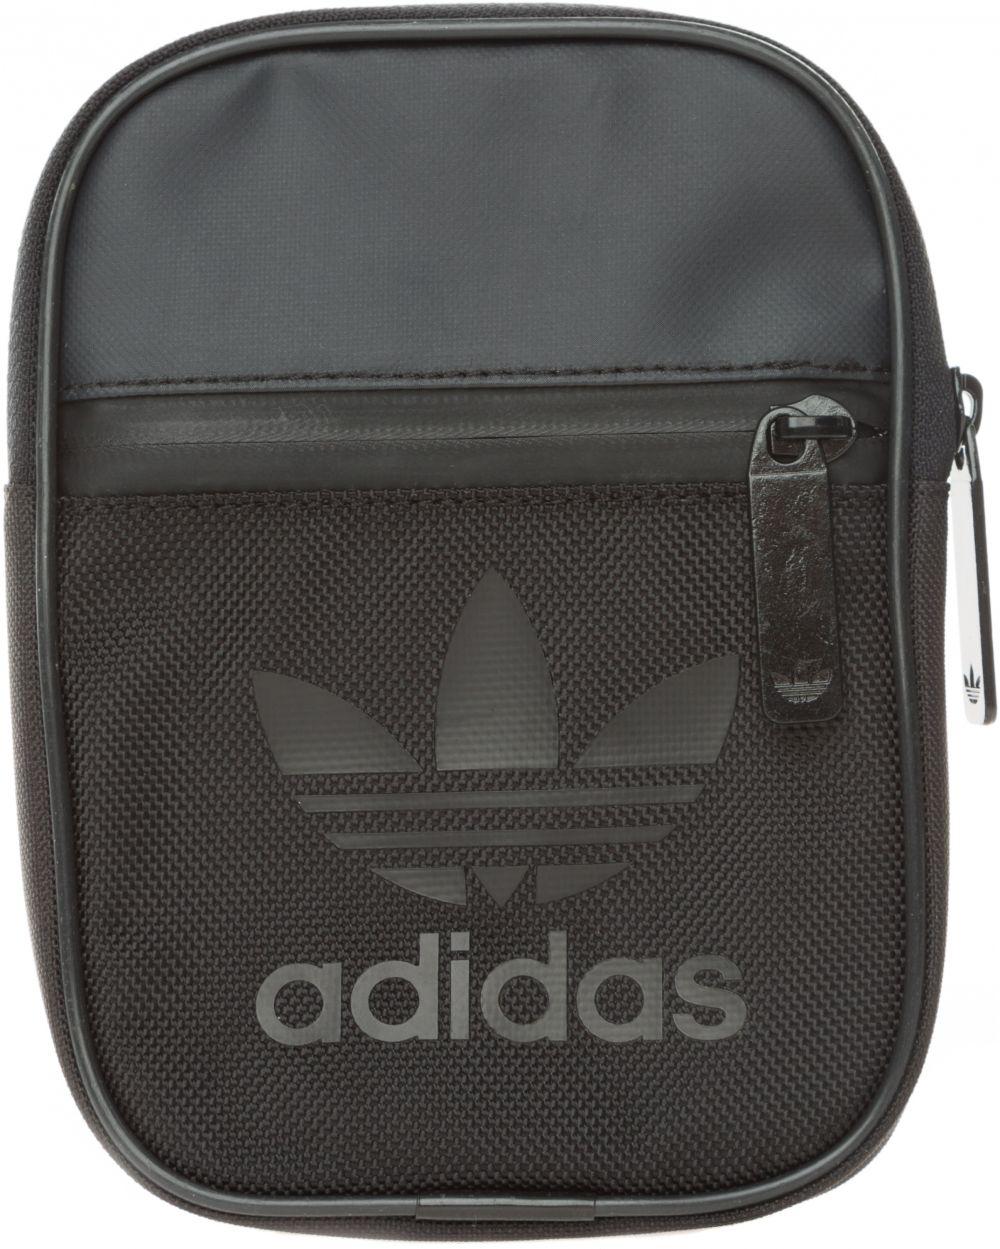 a90be4e46 Festival Sport Cross body bag adidas Originals   Čierna   Pánske   UNI  značky adidas Originals - Lovely.sk